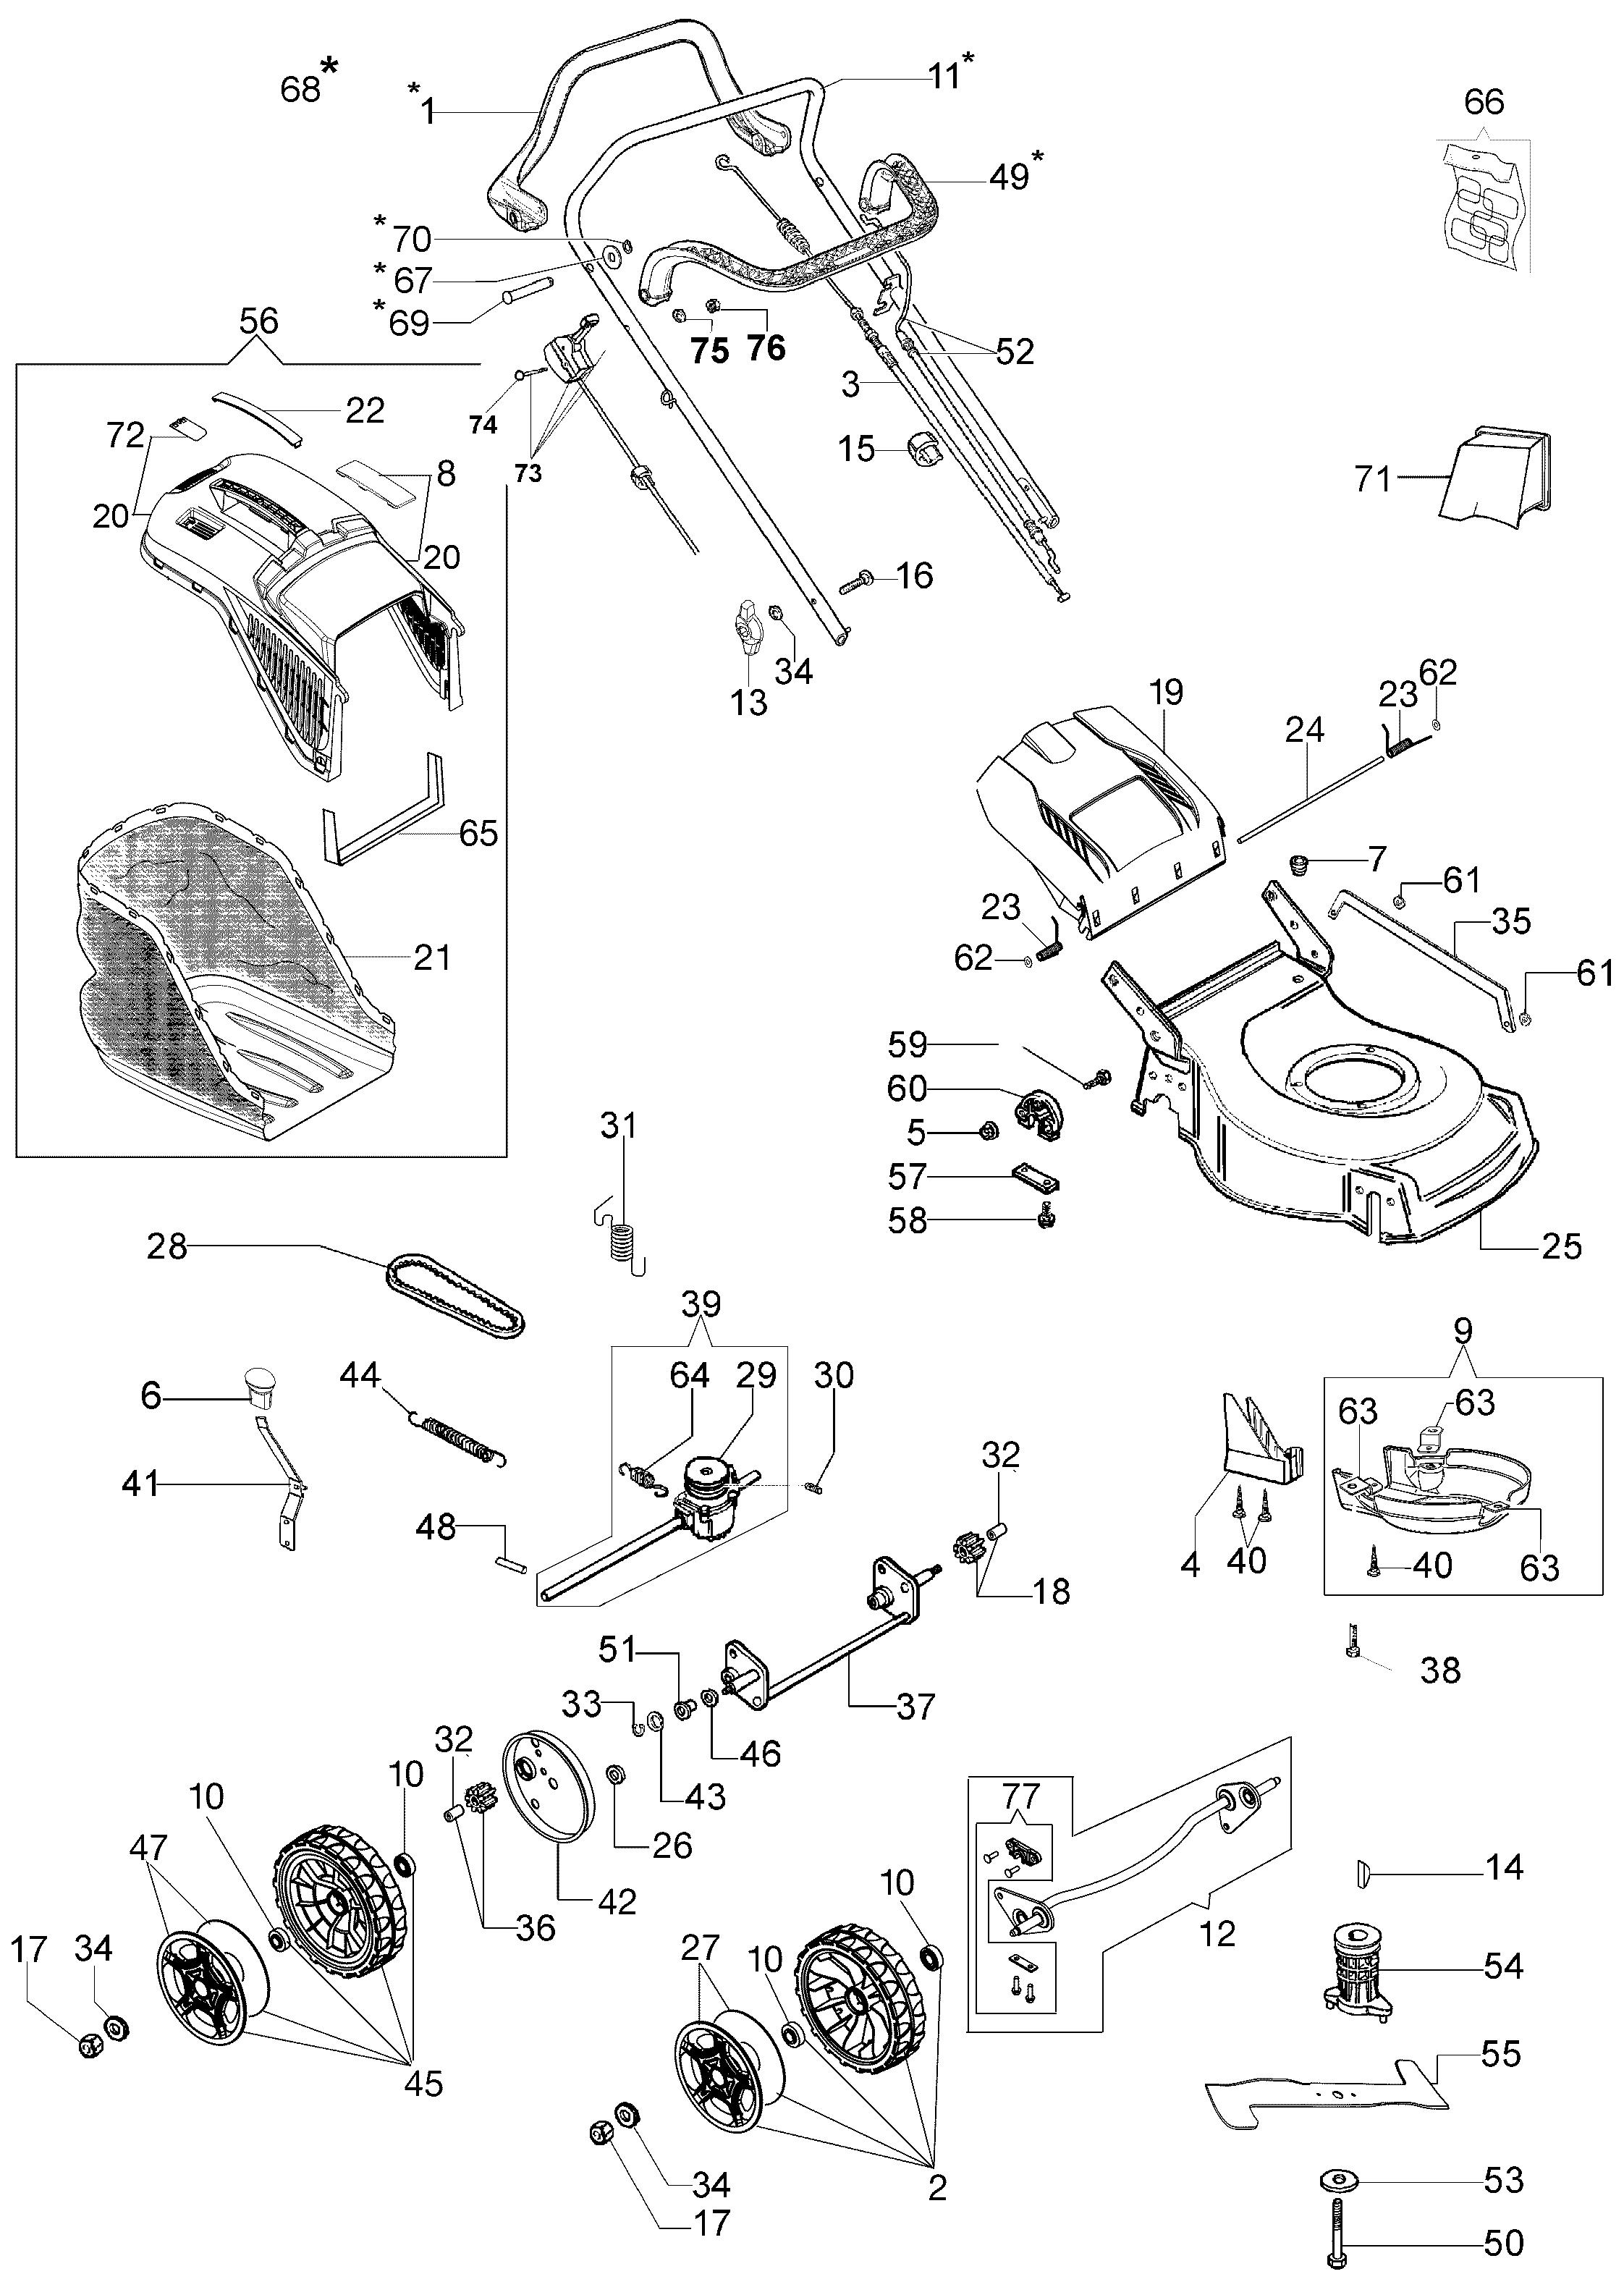 G 48 TK COMFORT PLUS Tondeuses Oleomac Dessins pièces - Vue éclatée complète